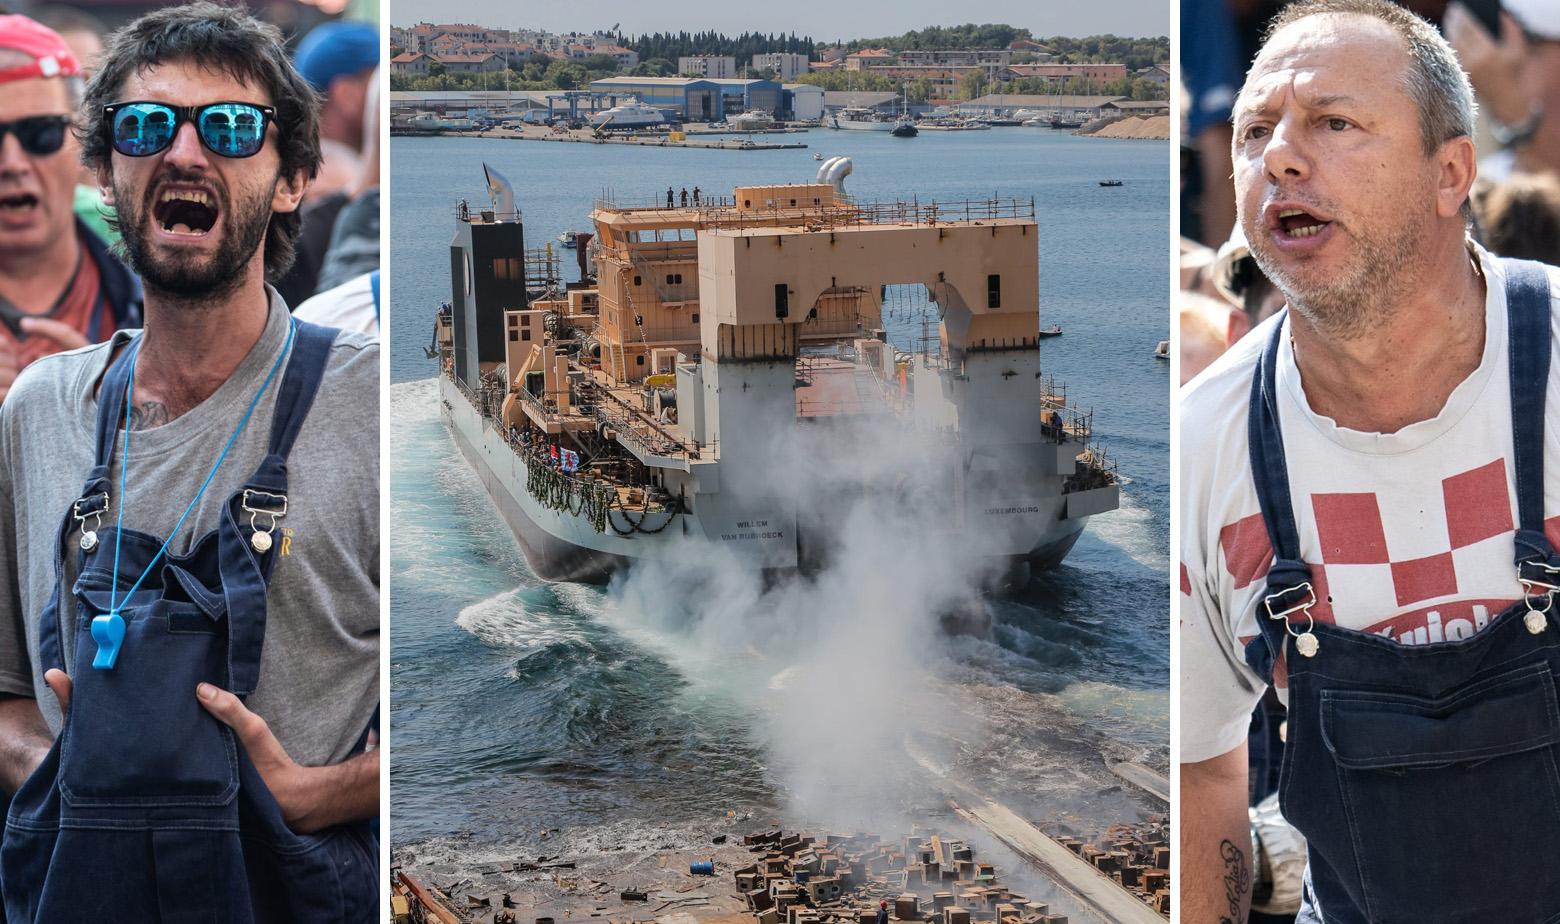 Radnici Uljanika tijekom štrajka i jaružalo koje je u brodogradilištu porinuto prošle godine